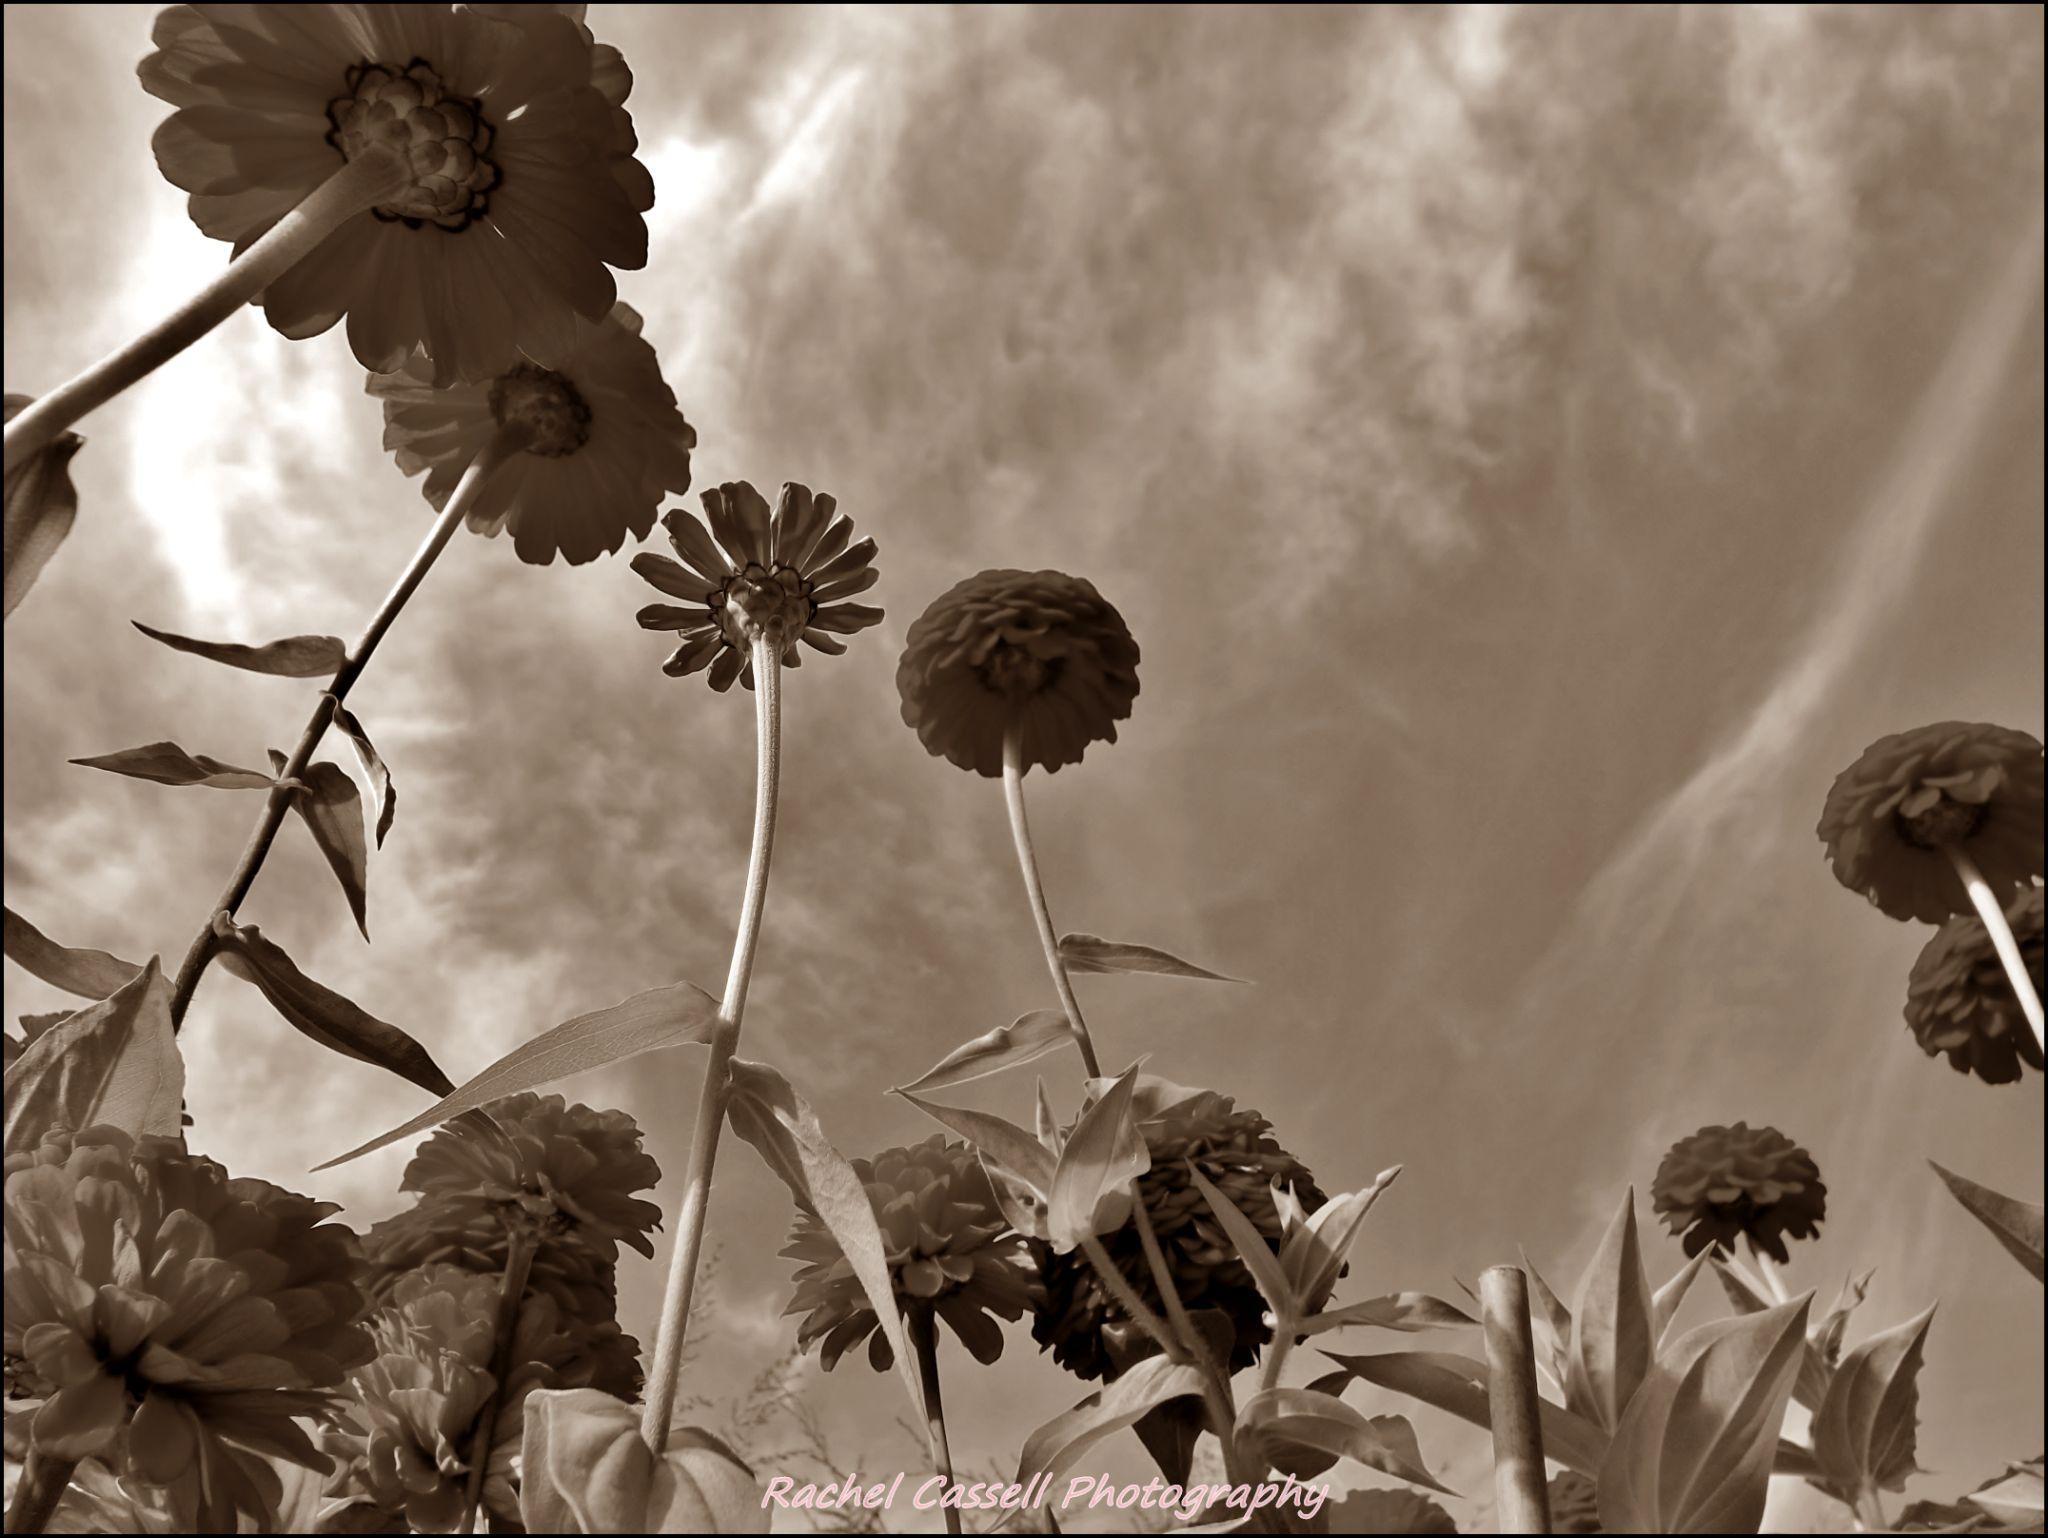 Untitled by rachel.snydstrup